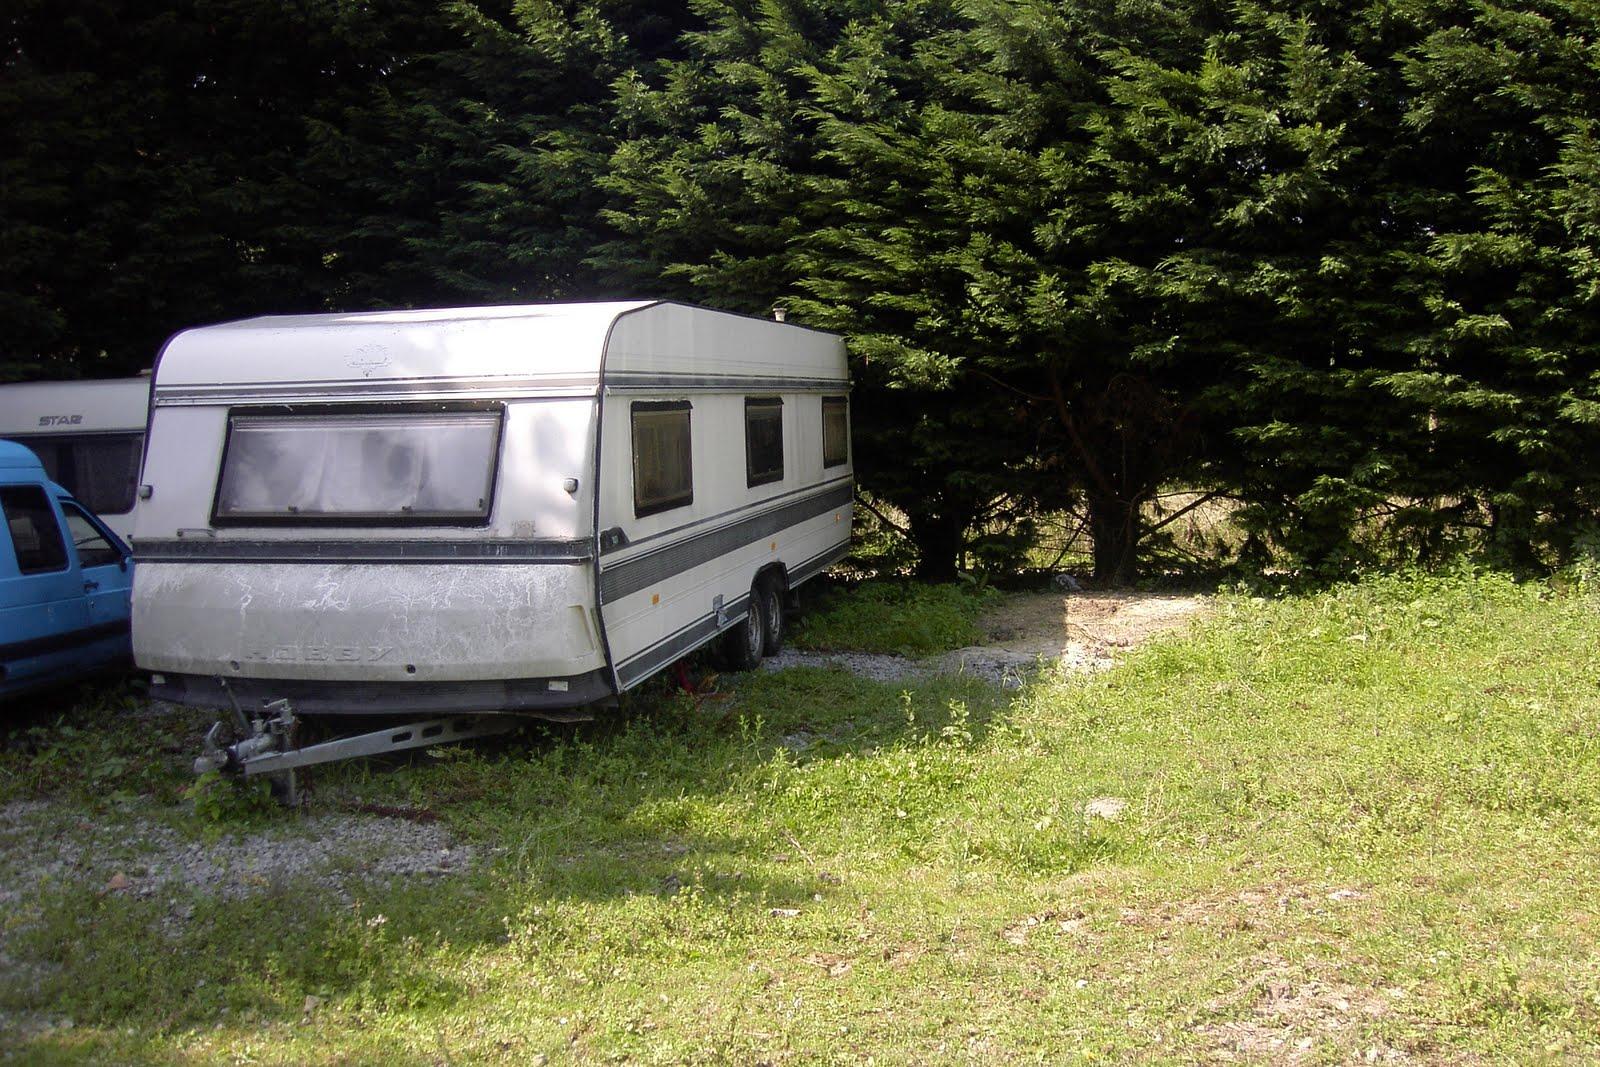 gardiennage de caravanes en pays basque pyr n es. Black Bedroom Furniture Sets. Home Design Ideas